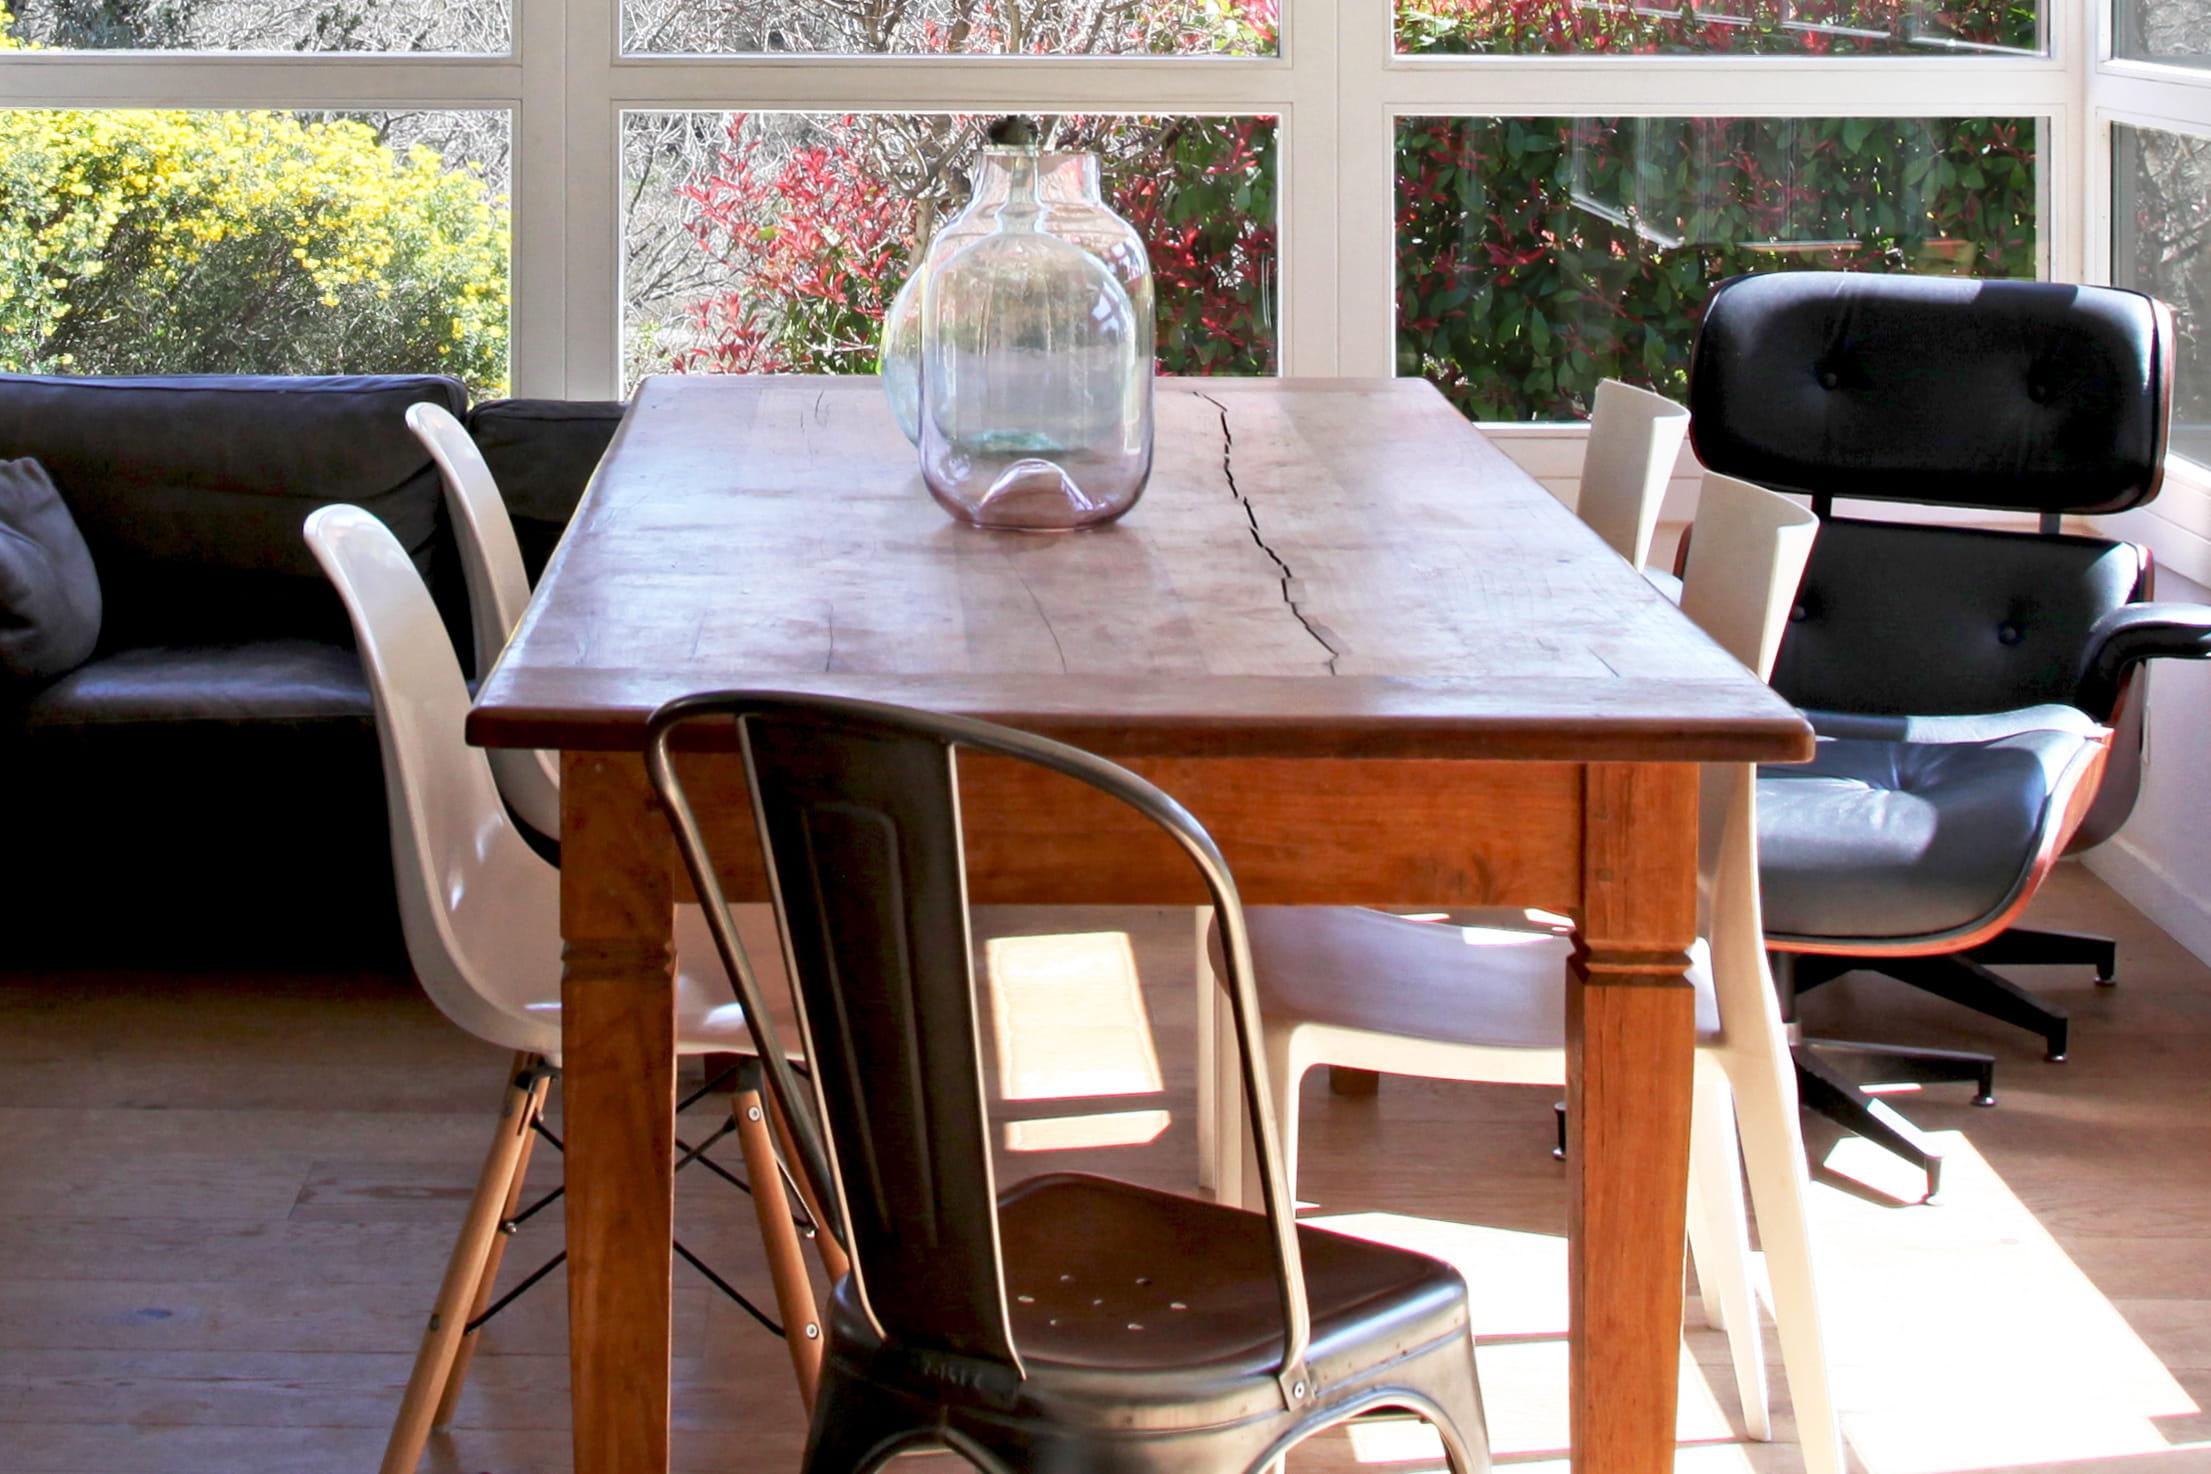 style et d contraction dans une maison de famille des chaises d pareill es pour faire swinguer. Black Bedroom Furniture Sets. Home Design Ideas